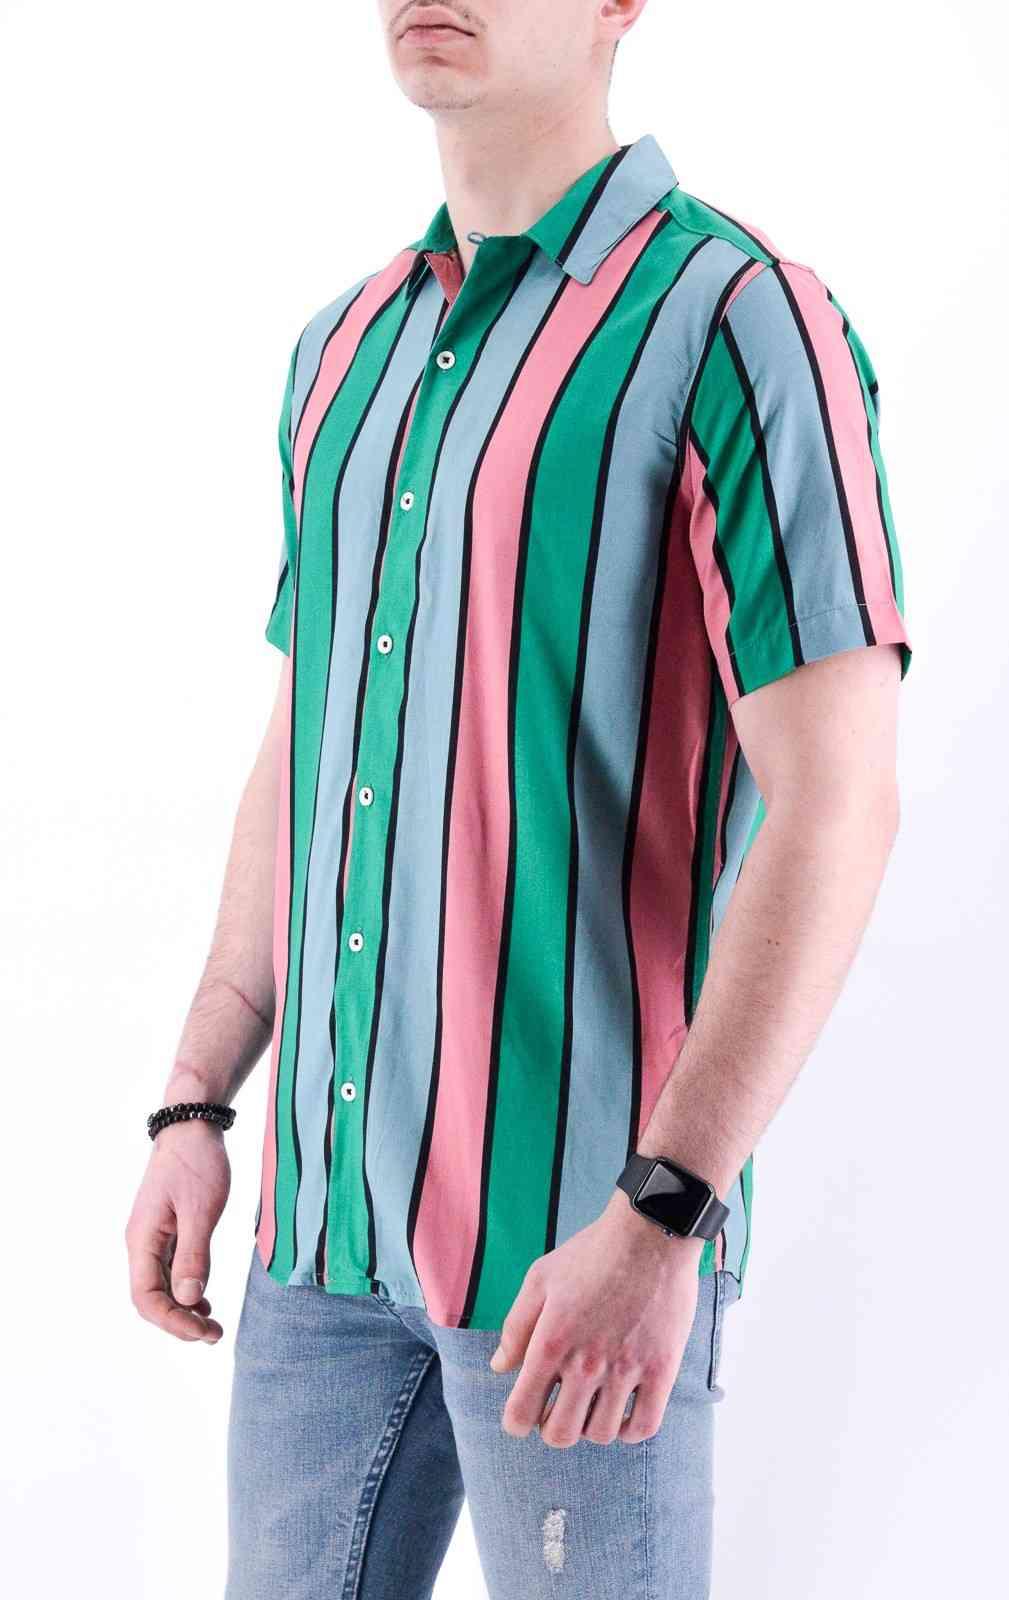 Connais tu cette marque de vêtements pour homme???